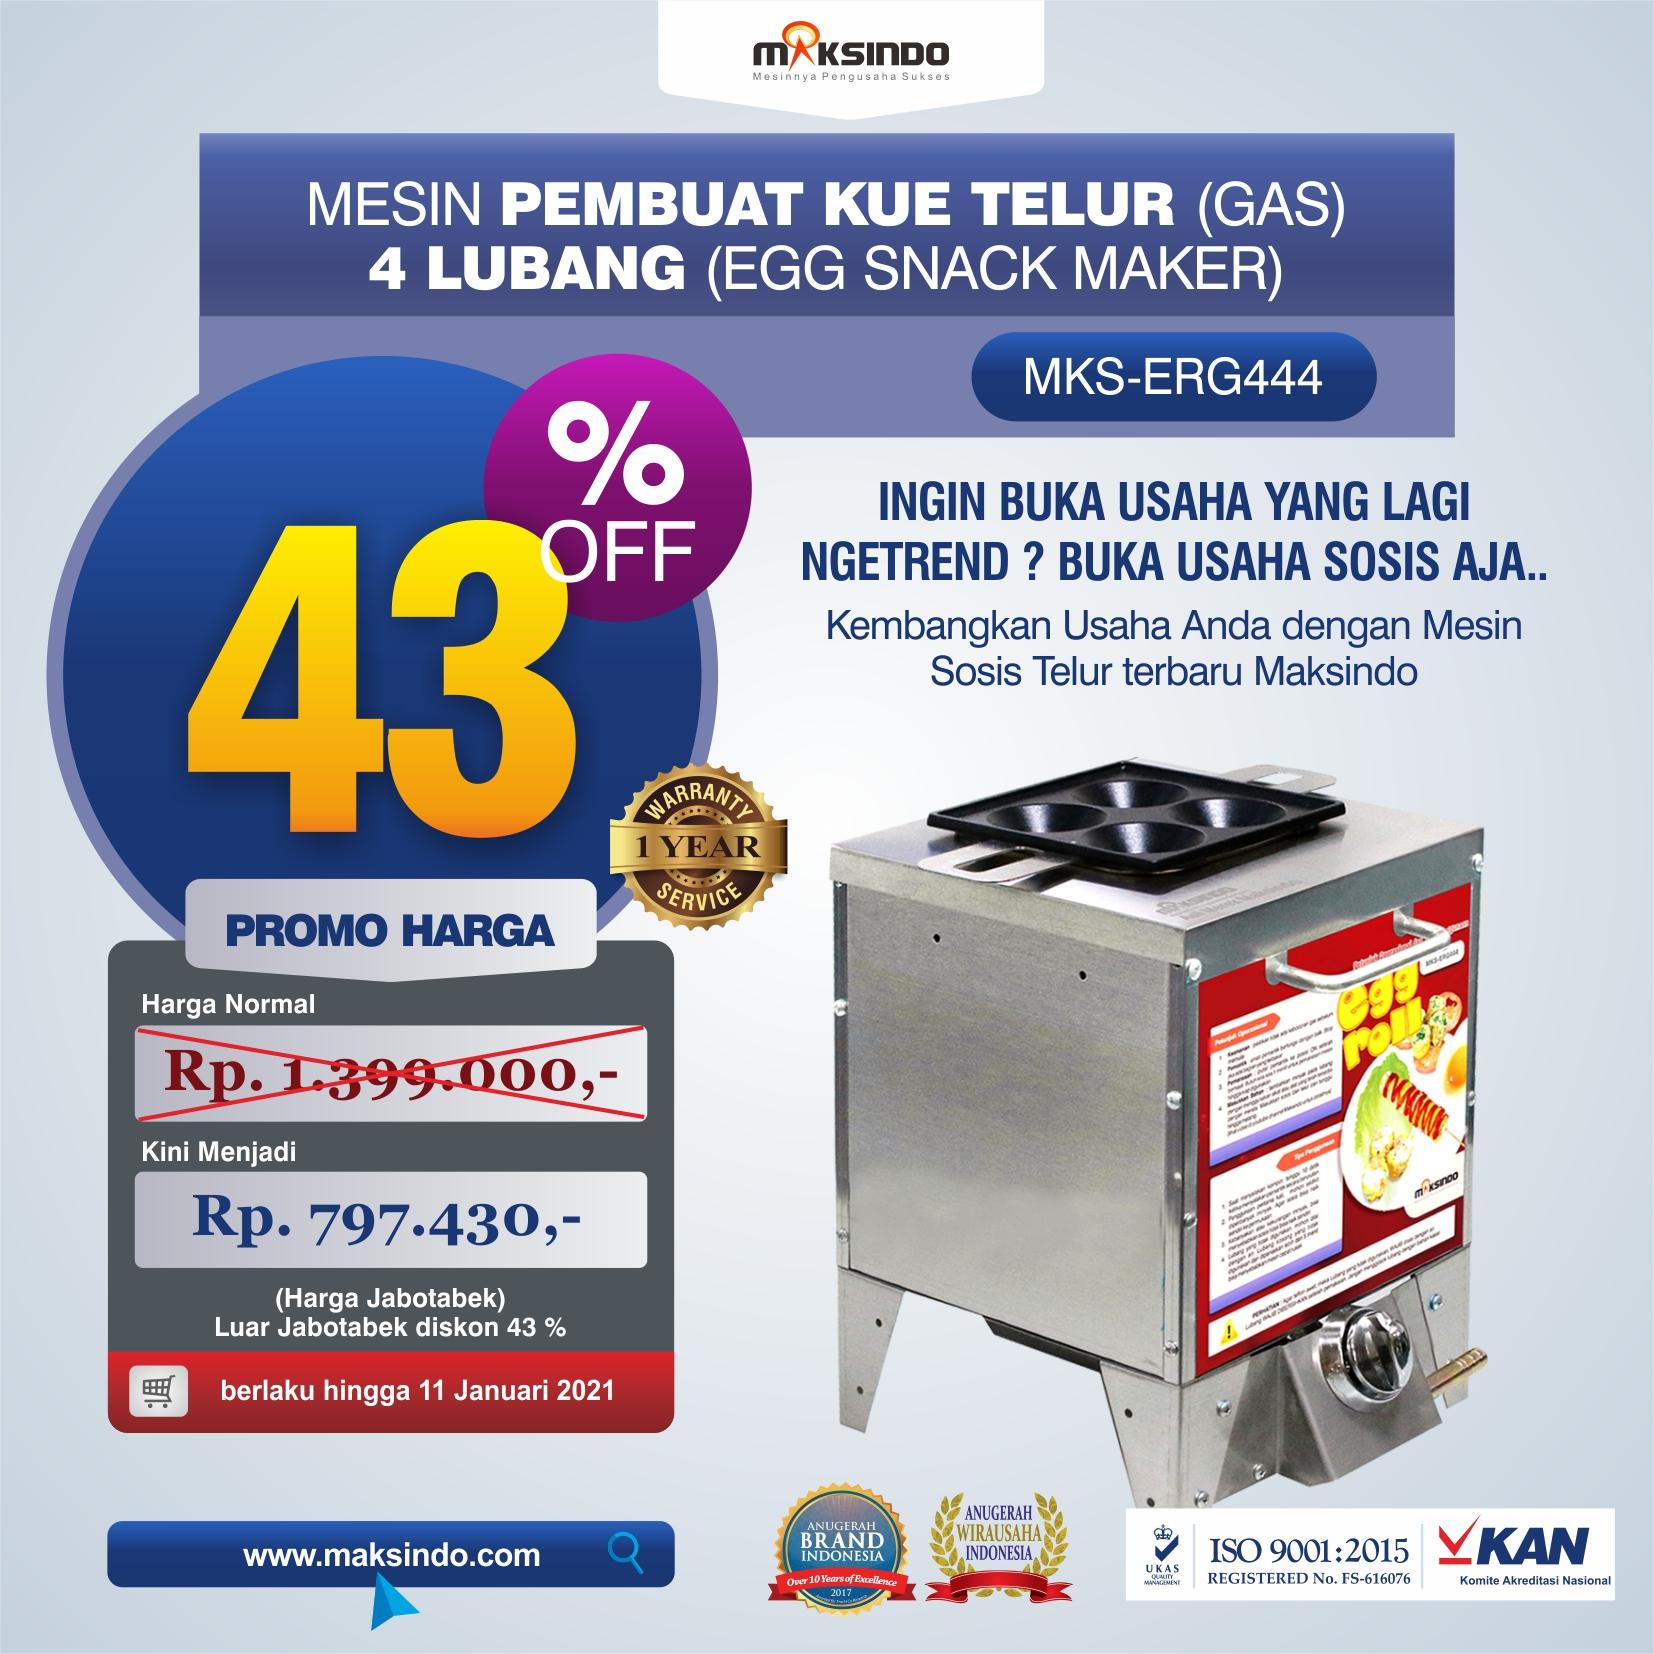 Jual Mesin Pembuat Egg Roll (Gas) 4 Lubang MKS-ERG444 di Semarang